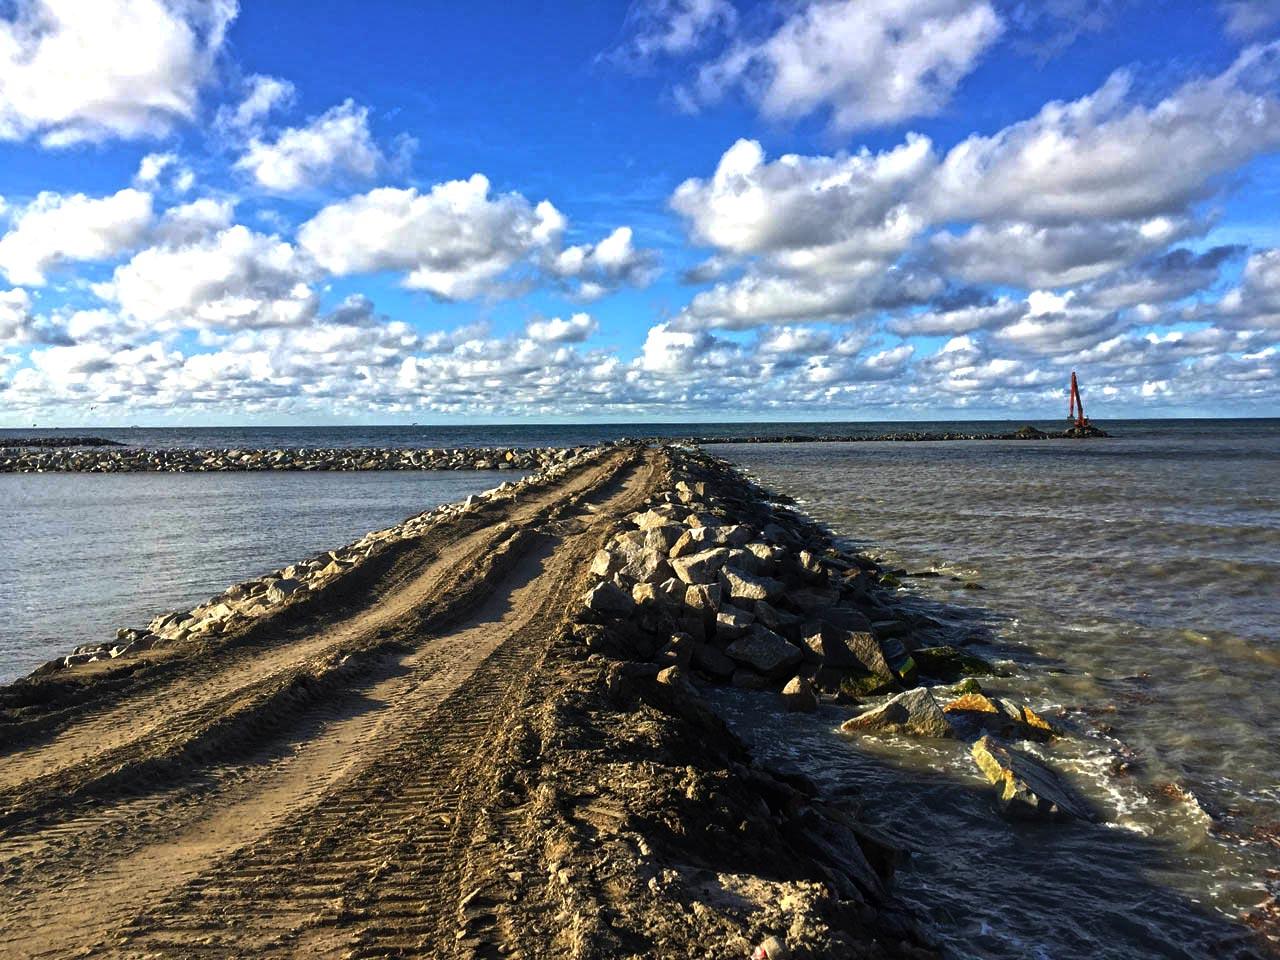 Hydrokamień do wzmocnienia nabrzeży